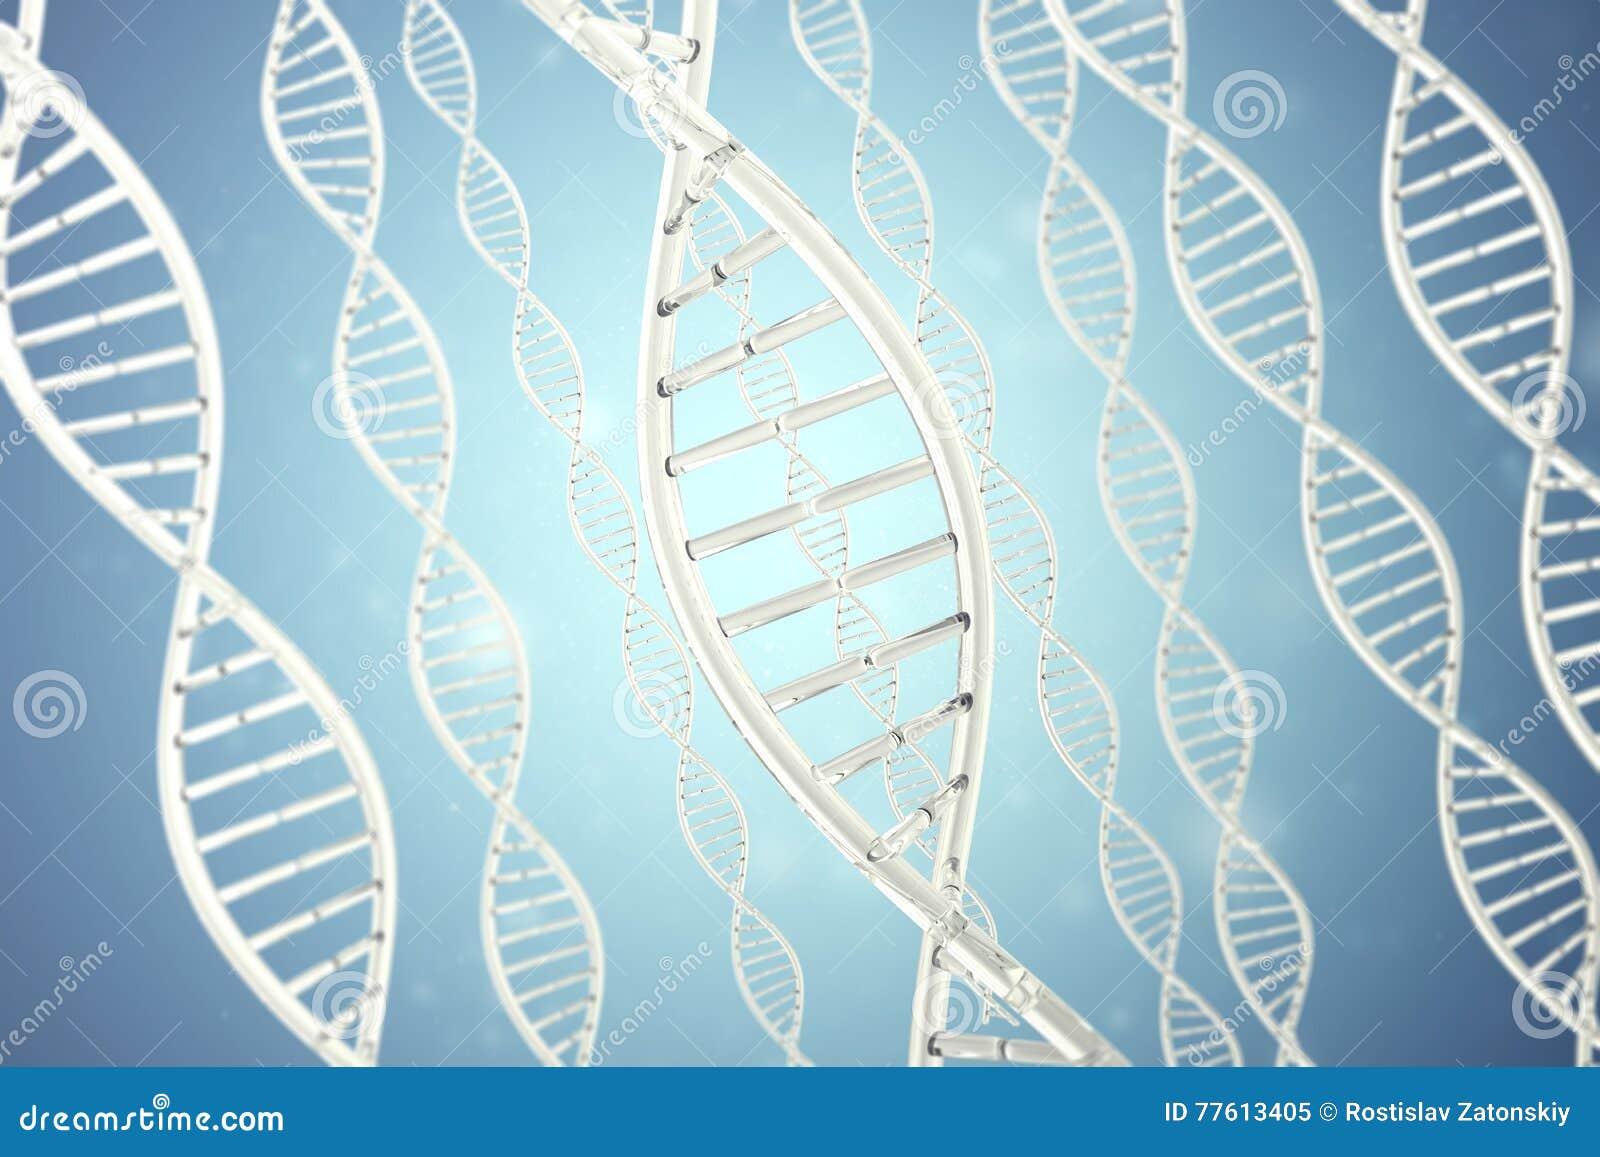 Synthetische, kunstmatige DNA-molecule, het concept kunstmatige intelligentie het 3d teruggeven